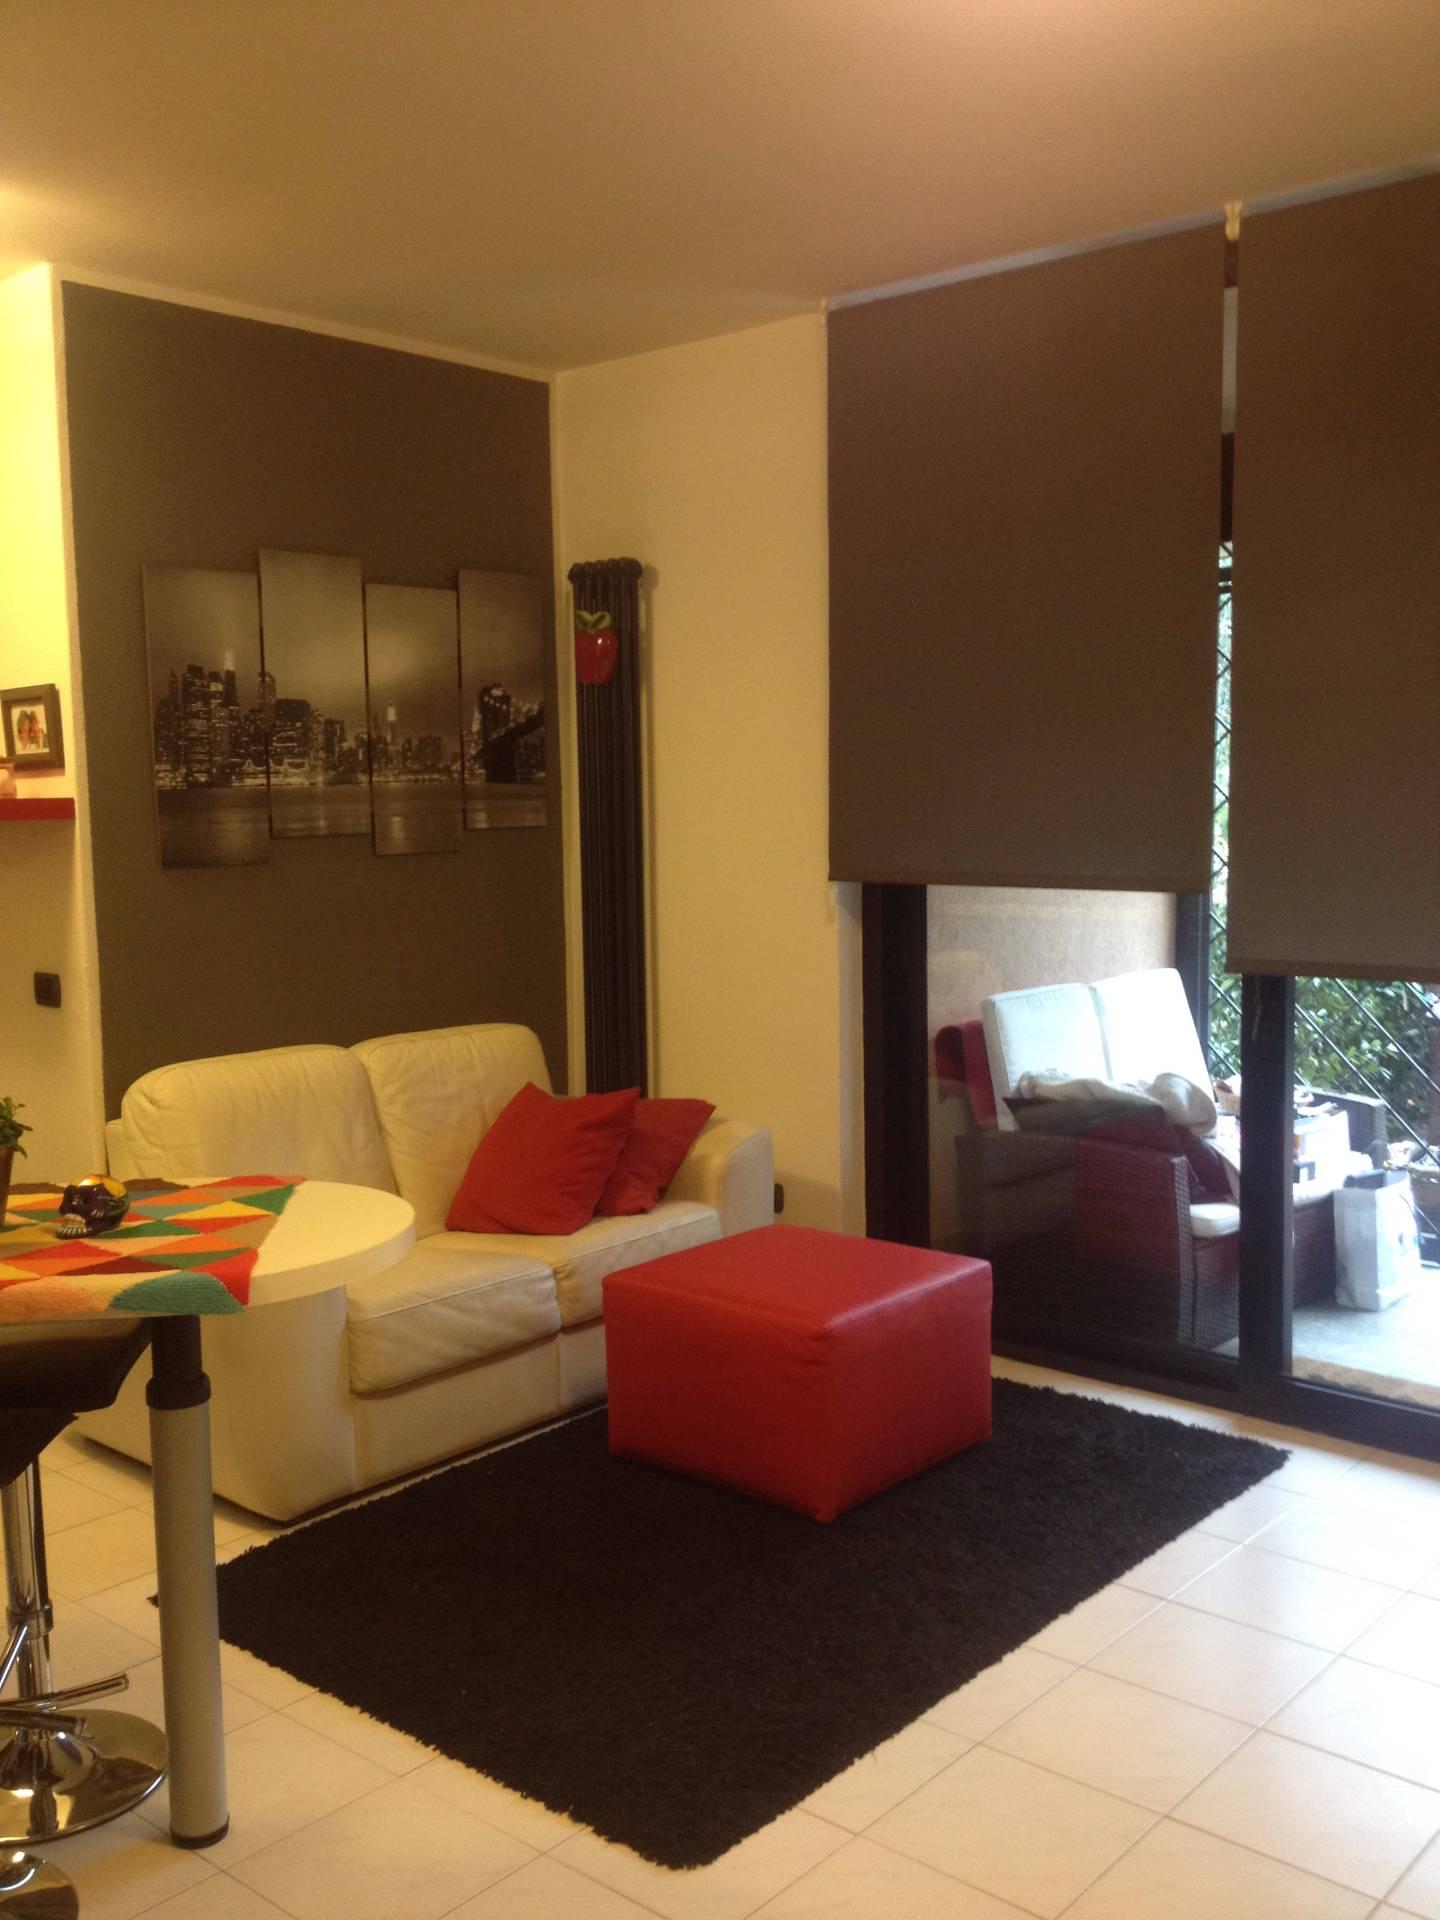 Appartamento in vendita a Cuasso al Monte, 3 locali, prezzo € 155.000 | Cambio Casa.it